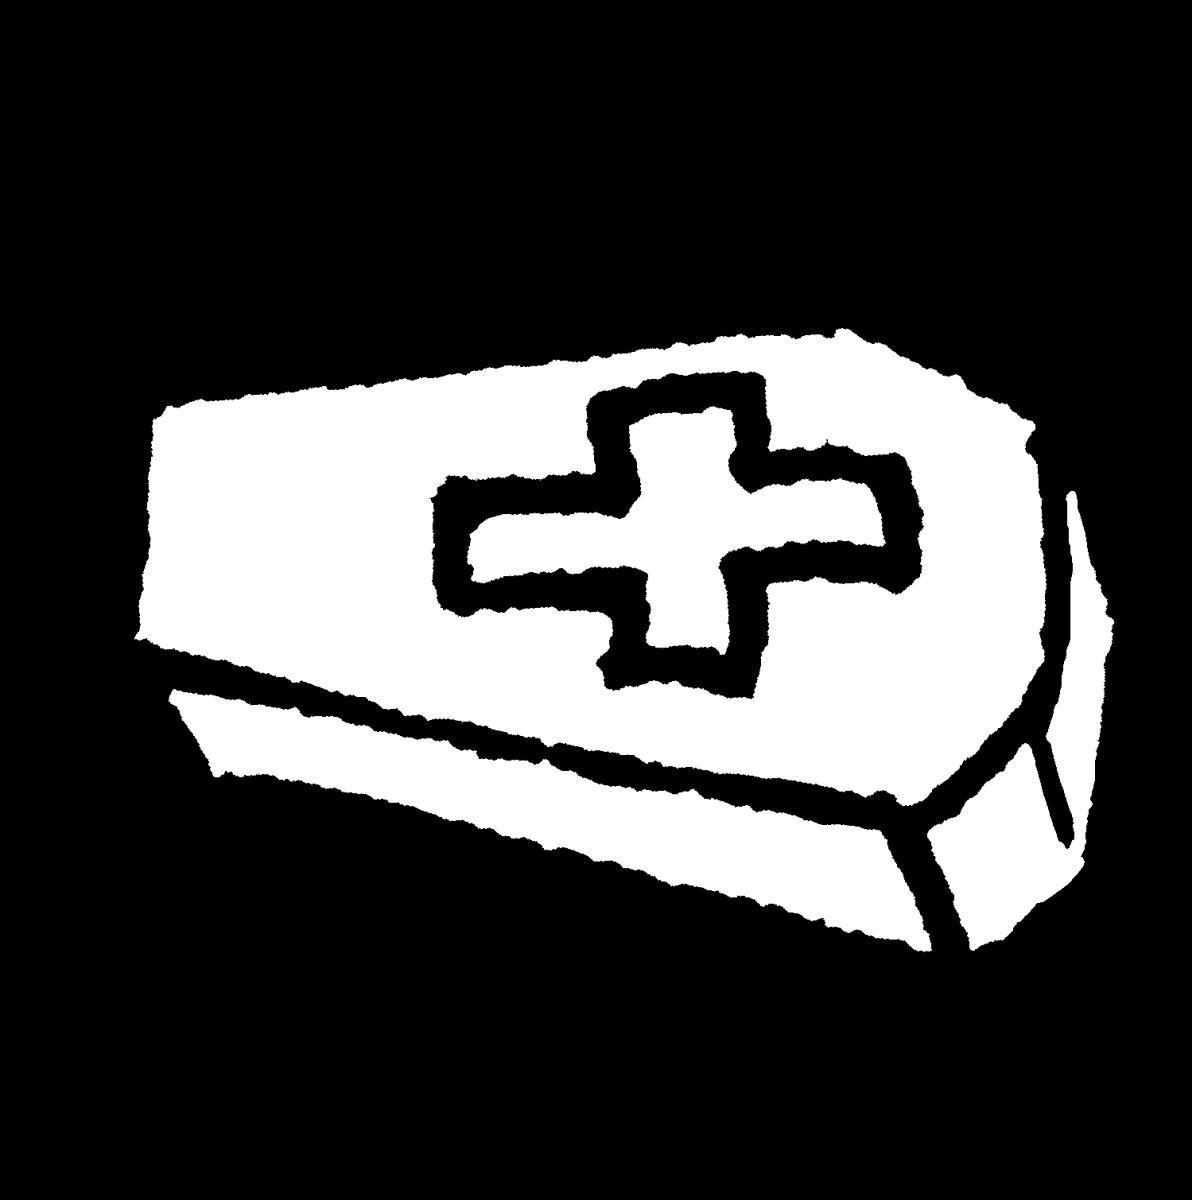 ドラキュラの棺桶のイラスト / Dracula's coffin Illustration